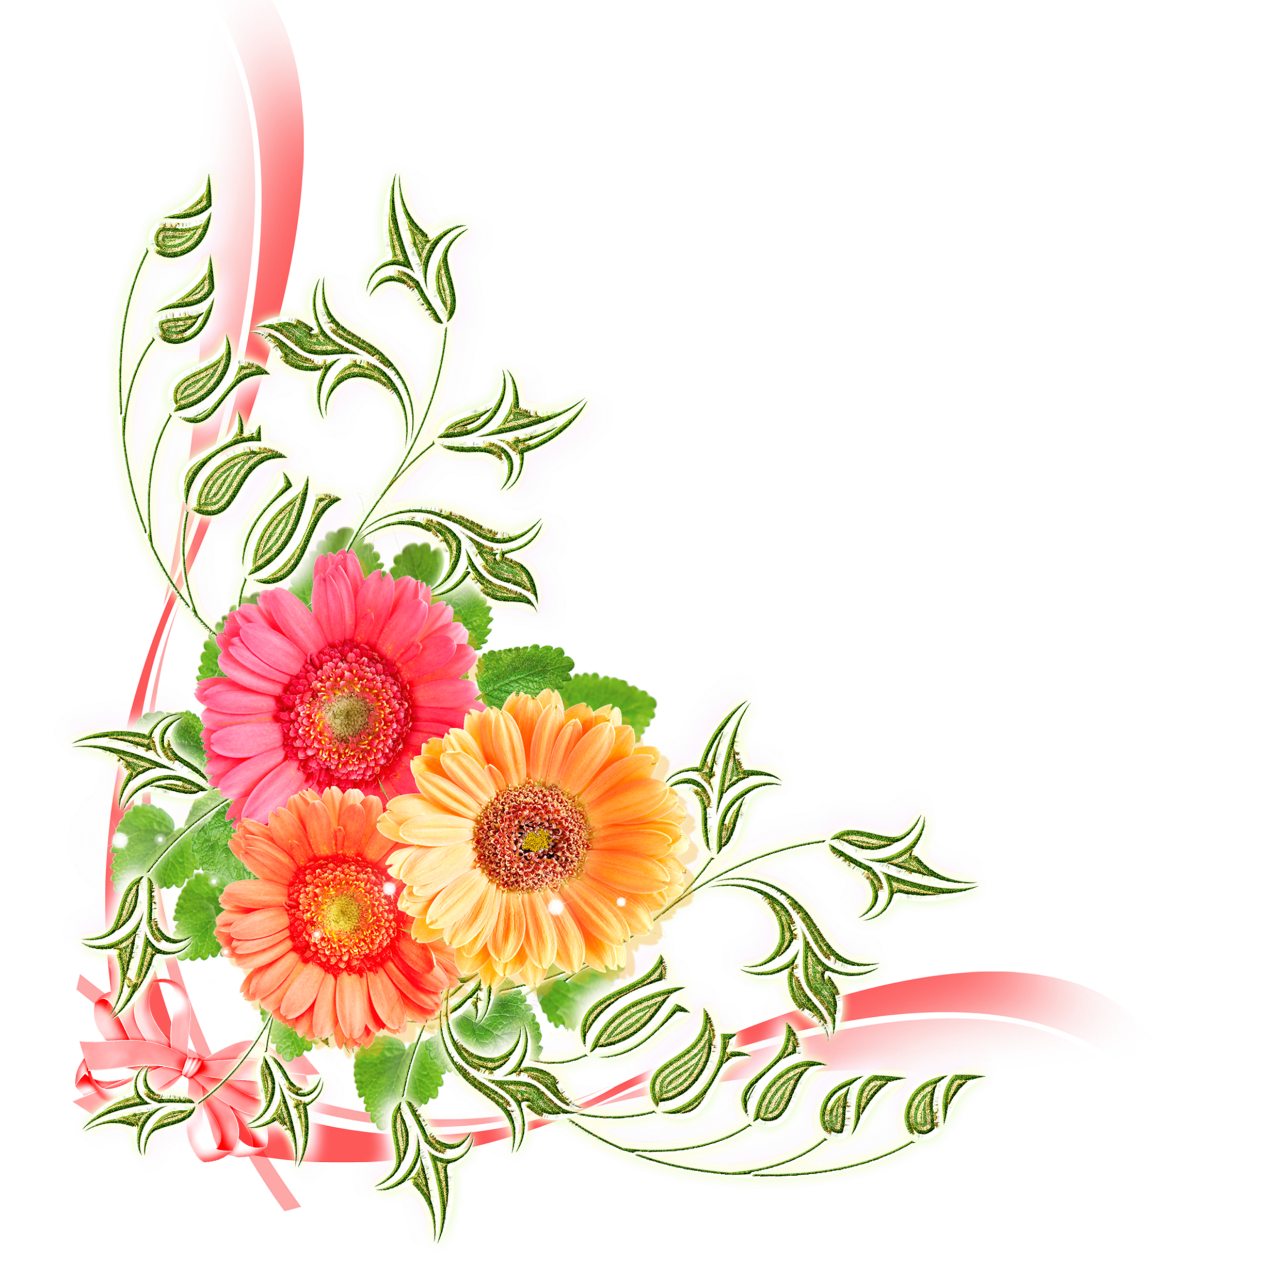 Цветы для оформления открыток, картинках